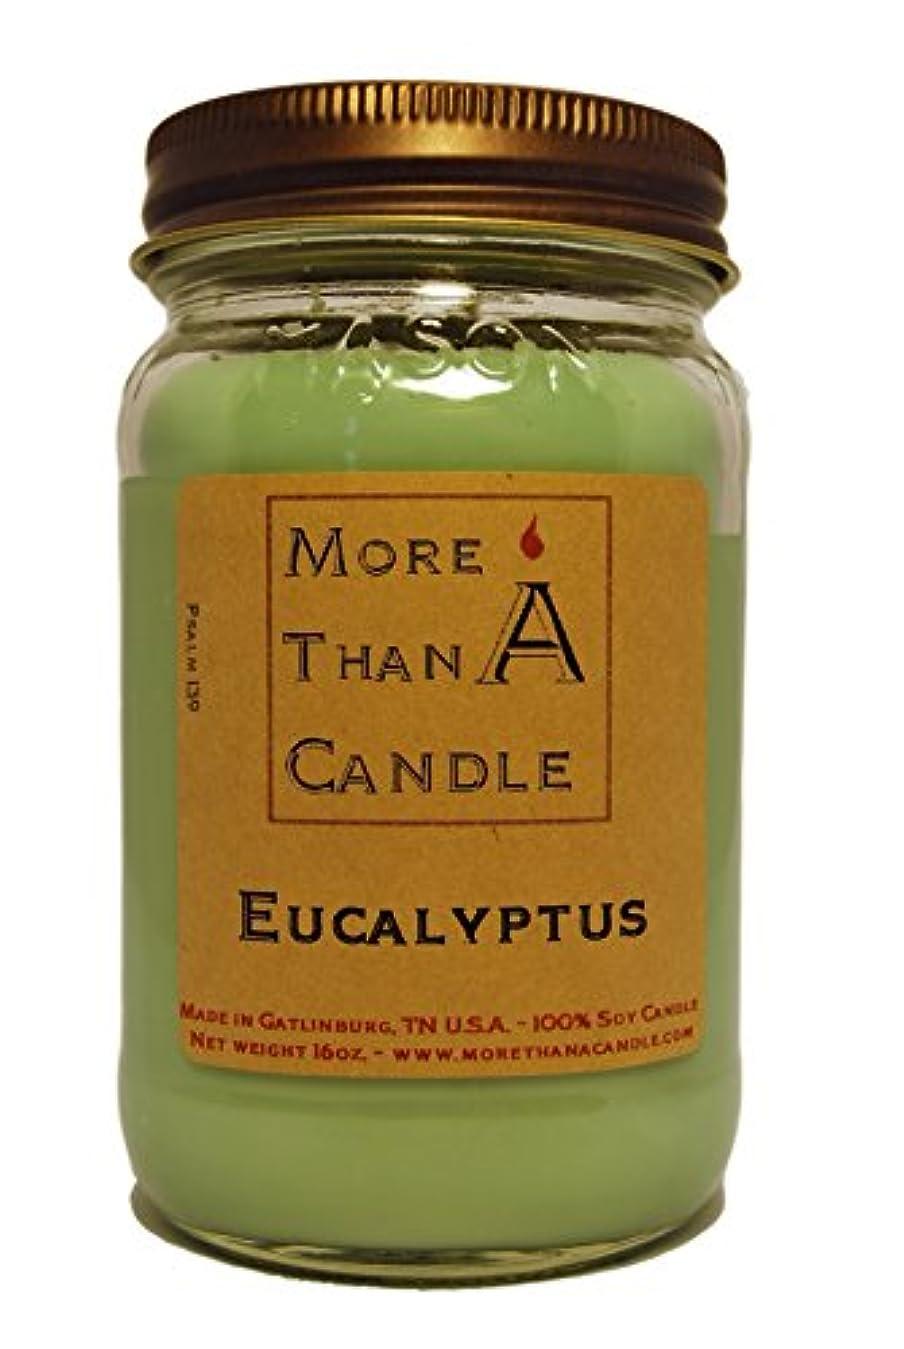 フェンスひそかに視聴者More Than A Candle ELP16M 16 oz Mason Jar Soy Candle, Eucalyptus